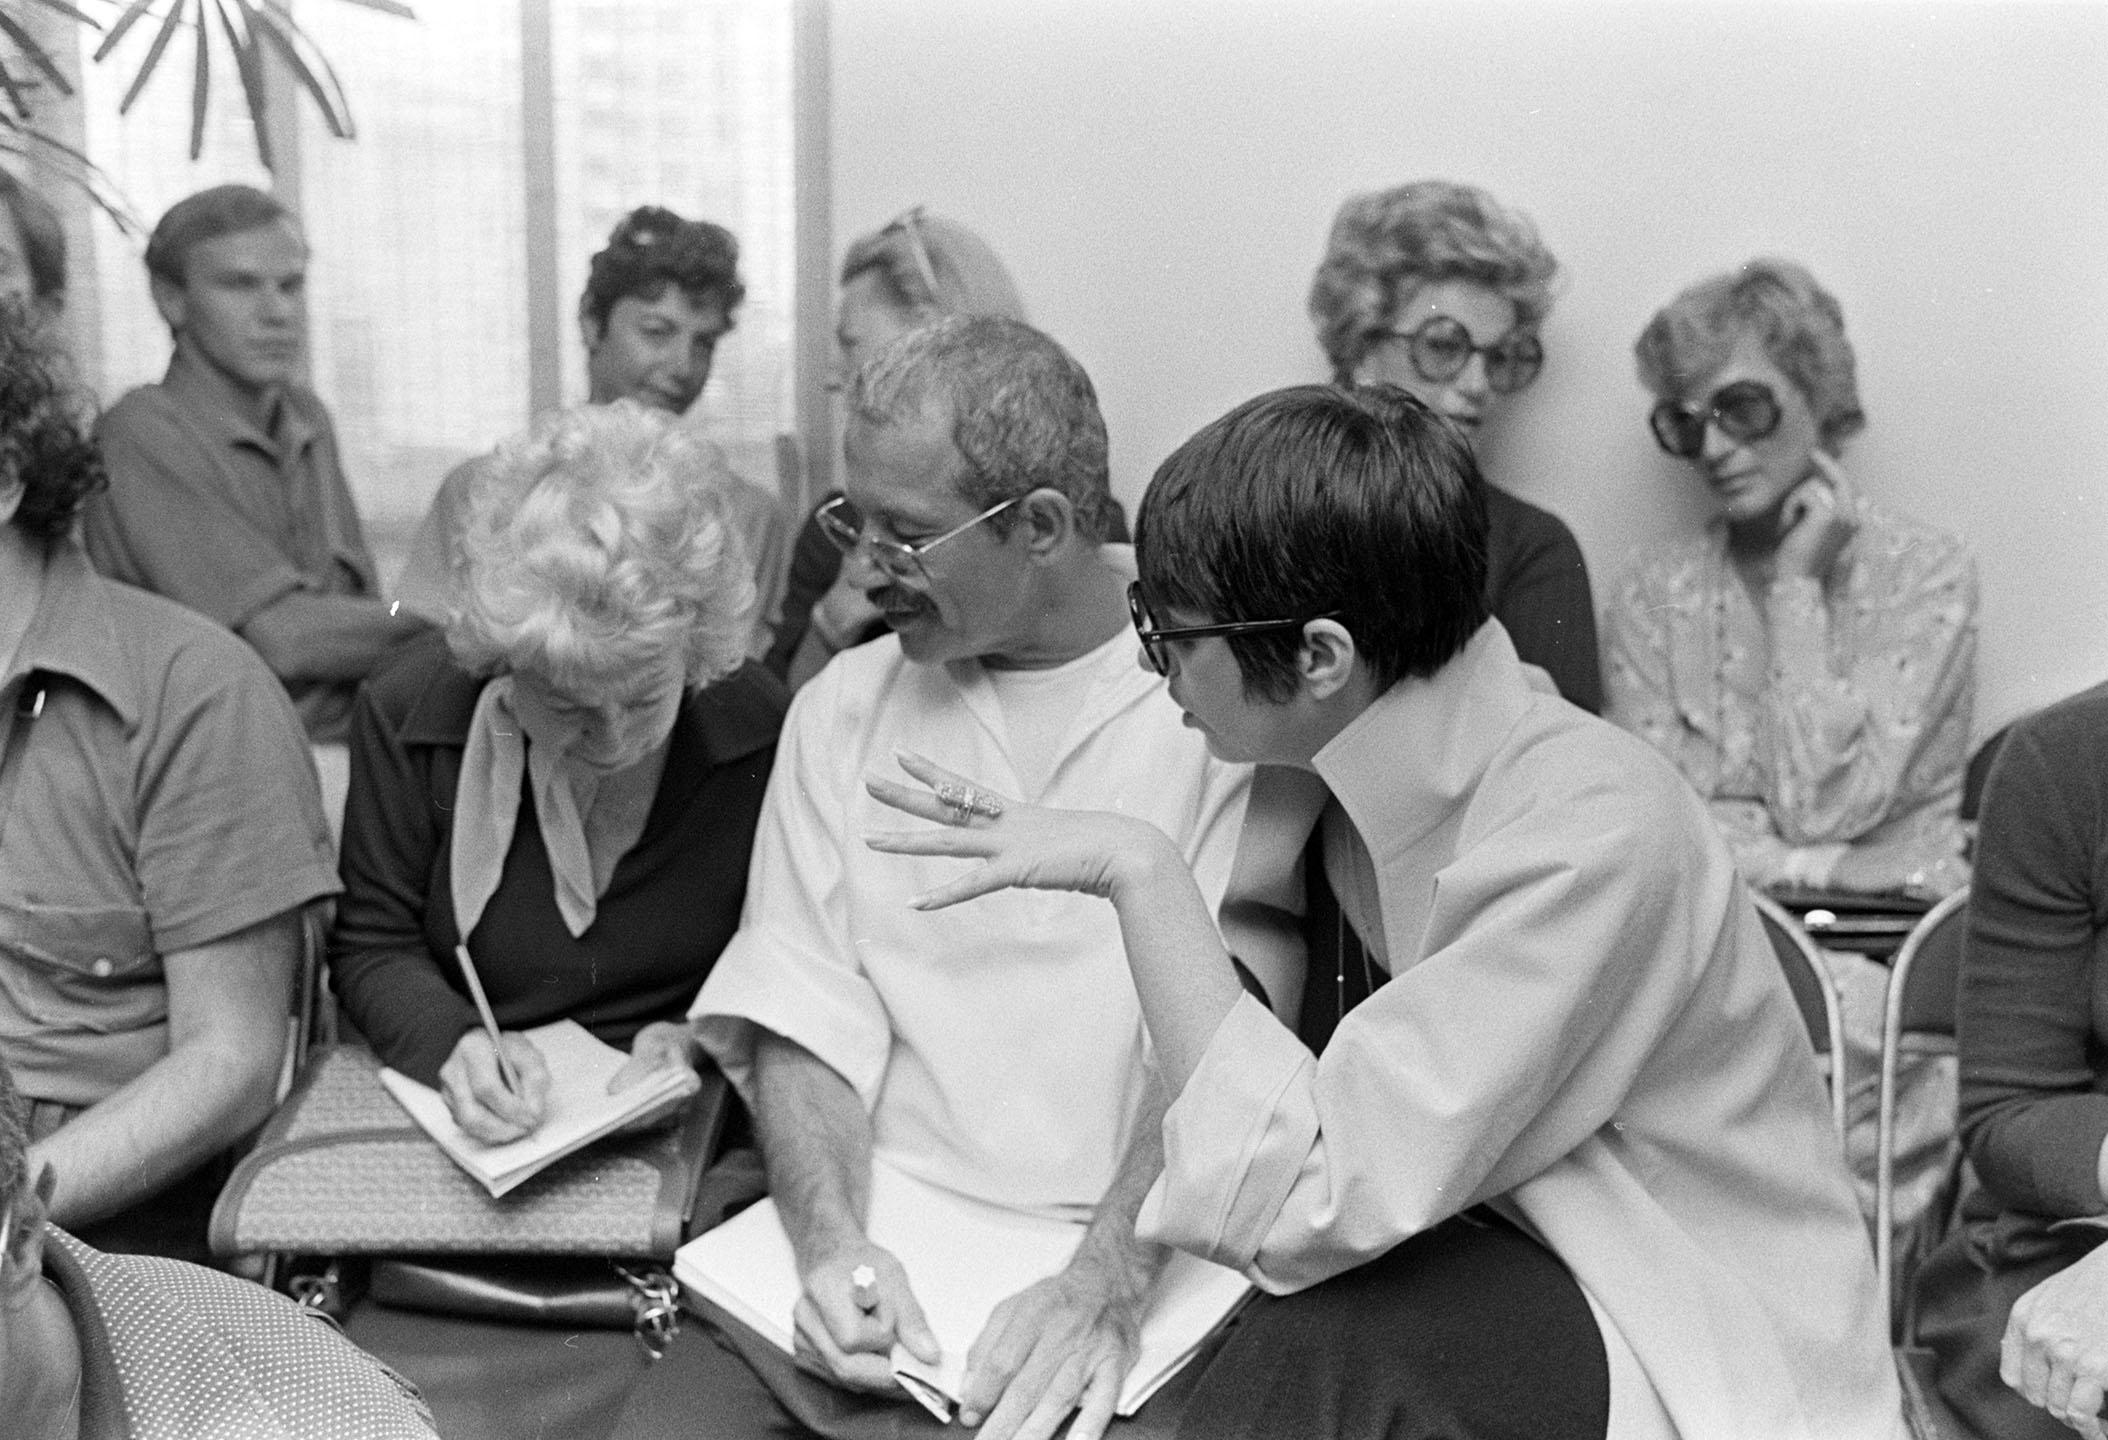 نویسنده مد ، اوگنیا شپارد ، هنرمند جو ایولا و لیزا مینلی در 12 سپتامبر 1974 در مراسم ارائه مجموعه تفریحی هالستون شرکت کردند.